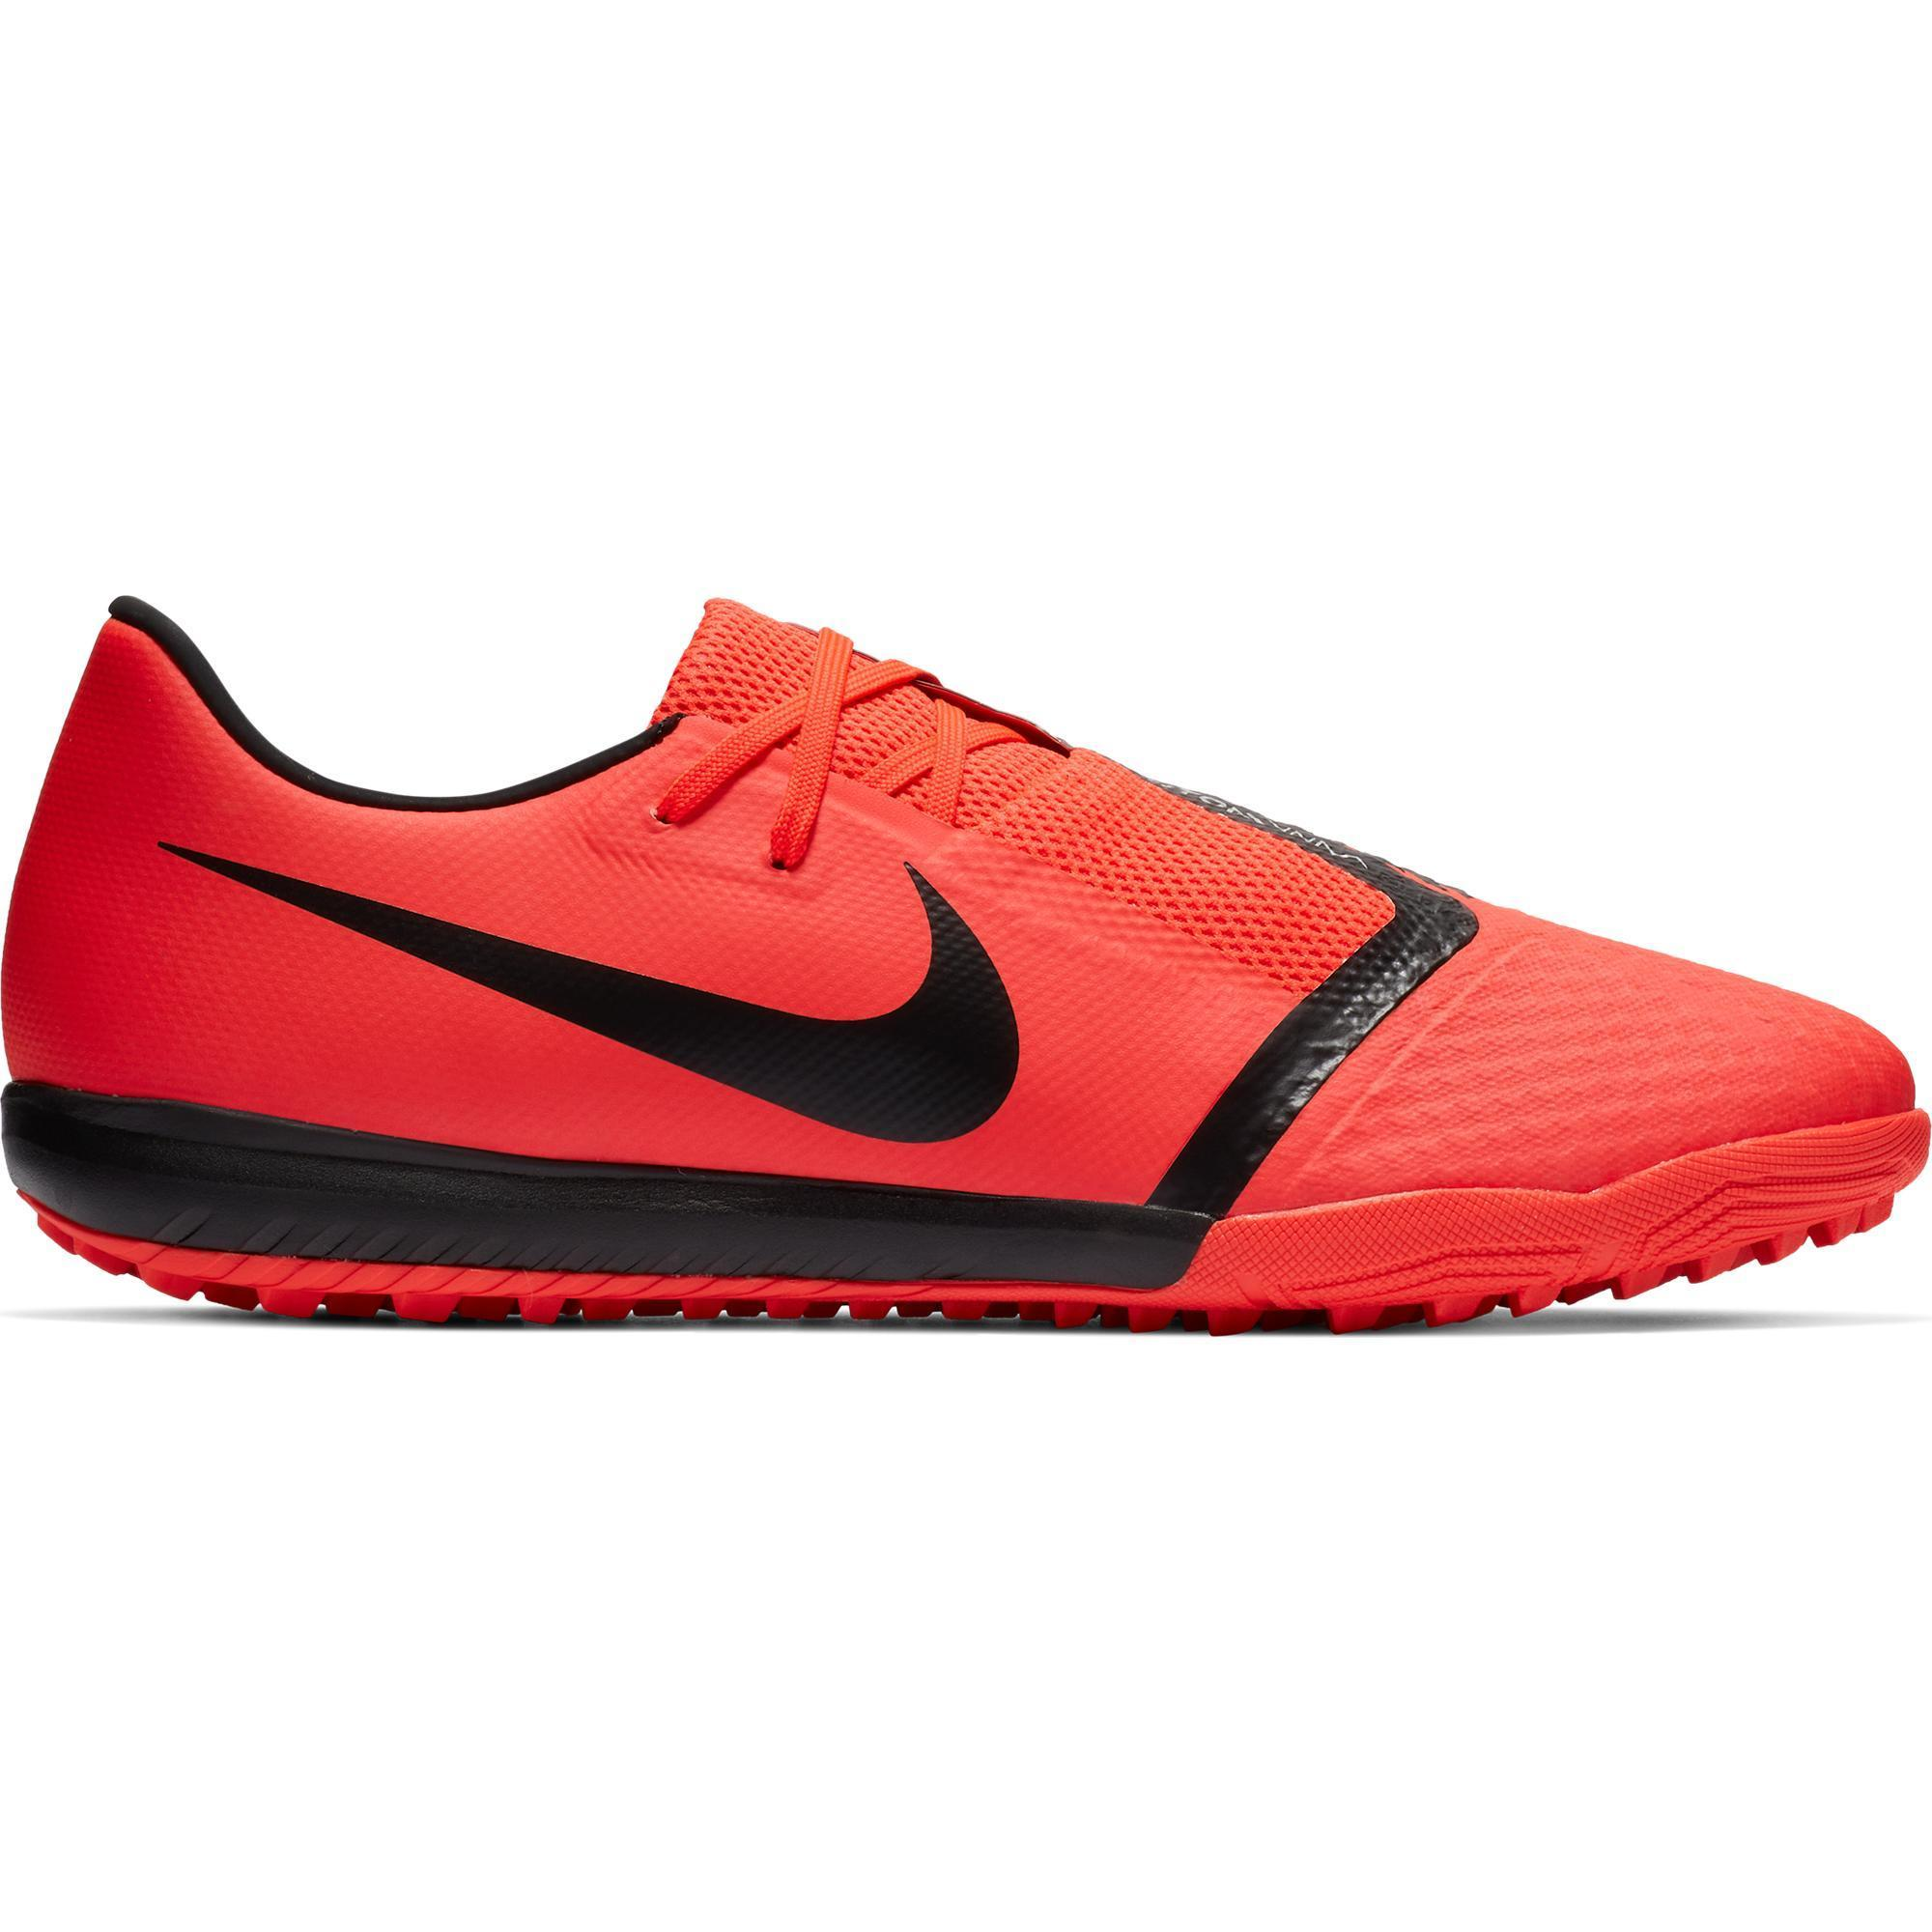 Comprar Botas de Fútbol Adultos y Zapatillas  f647f7422e253